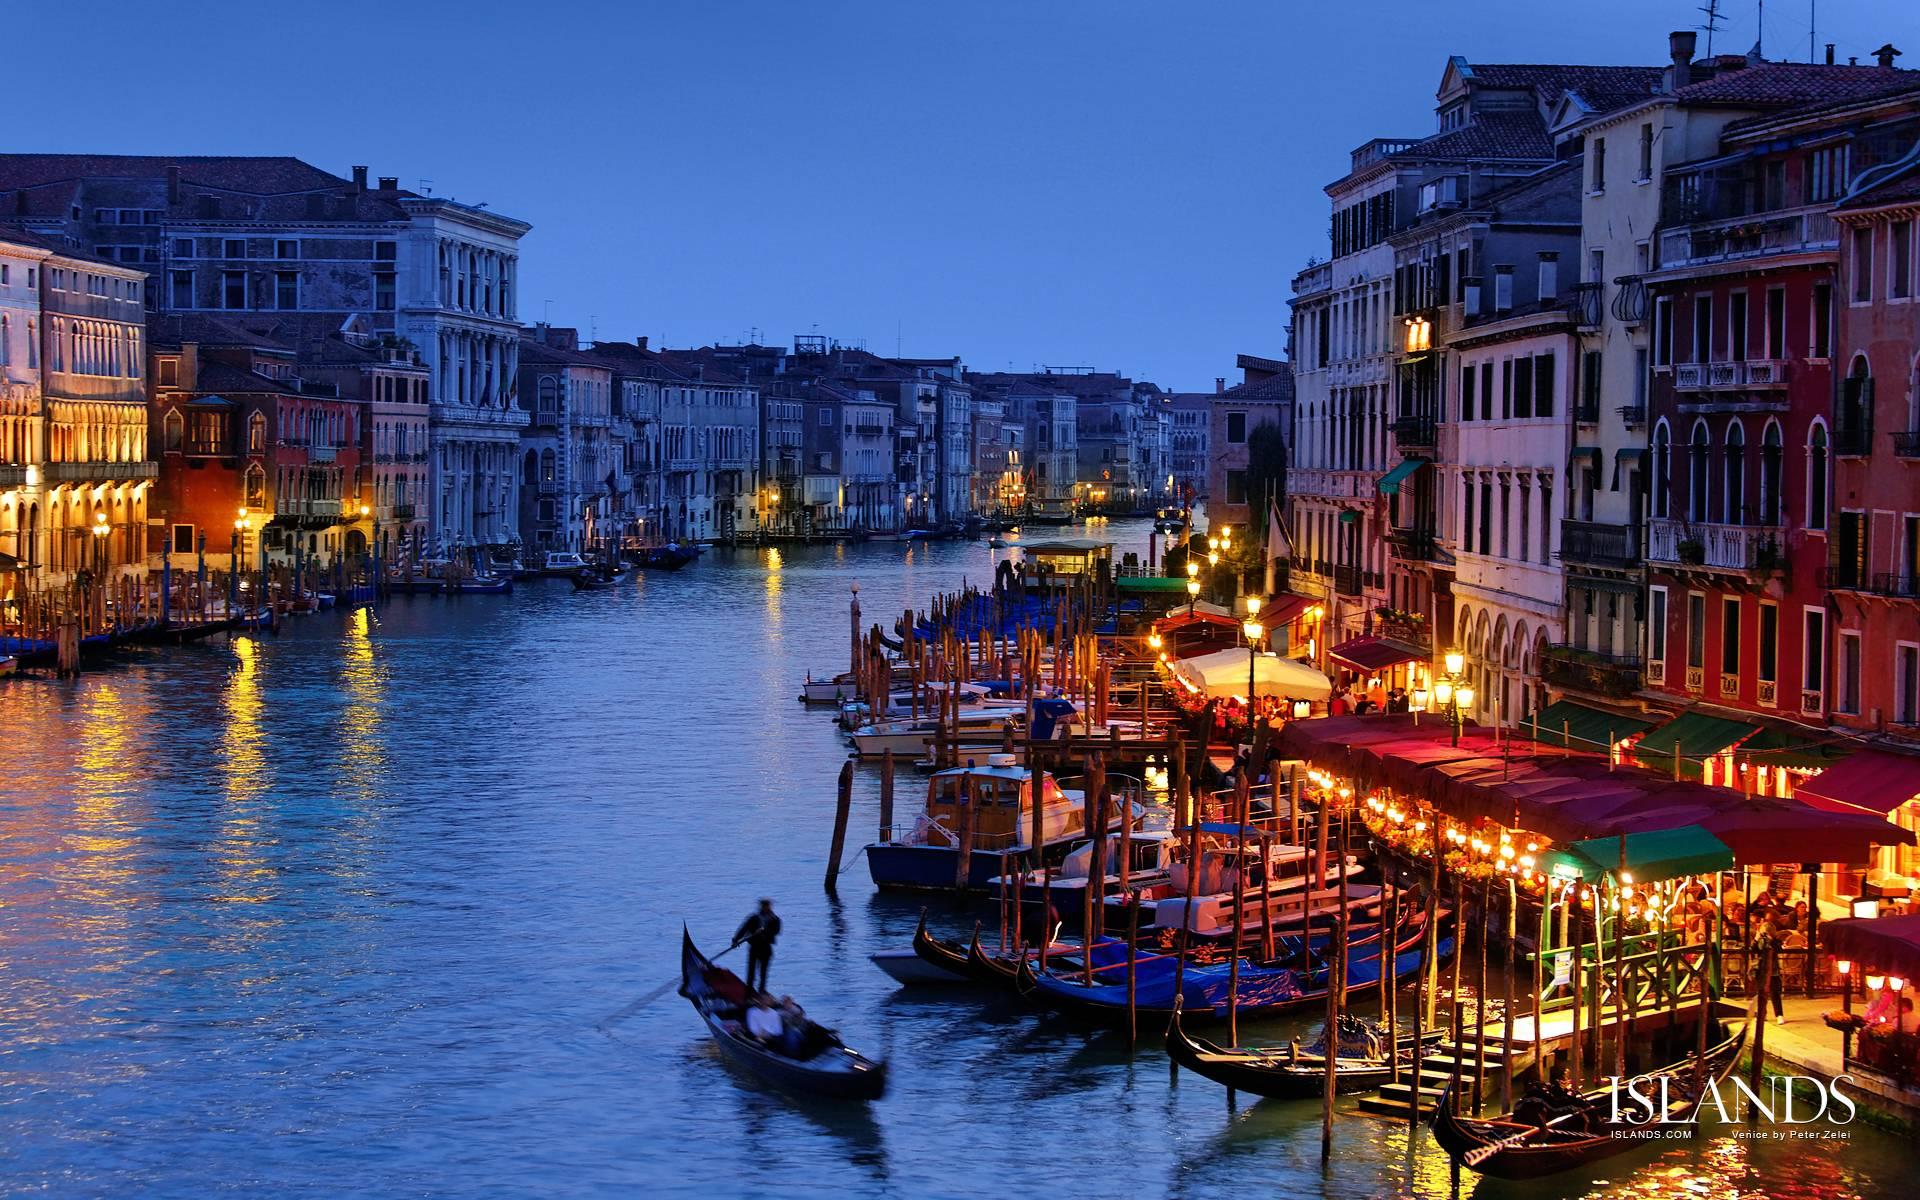 ونیز، شهر شگفت انگیز و تماشایی در ایتالیا